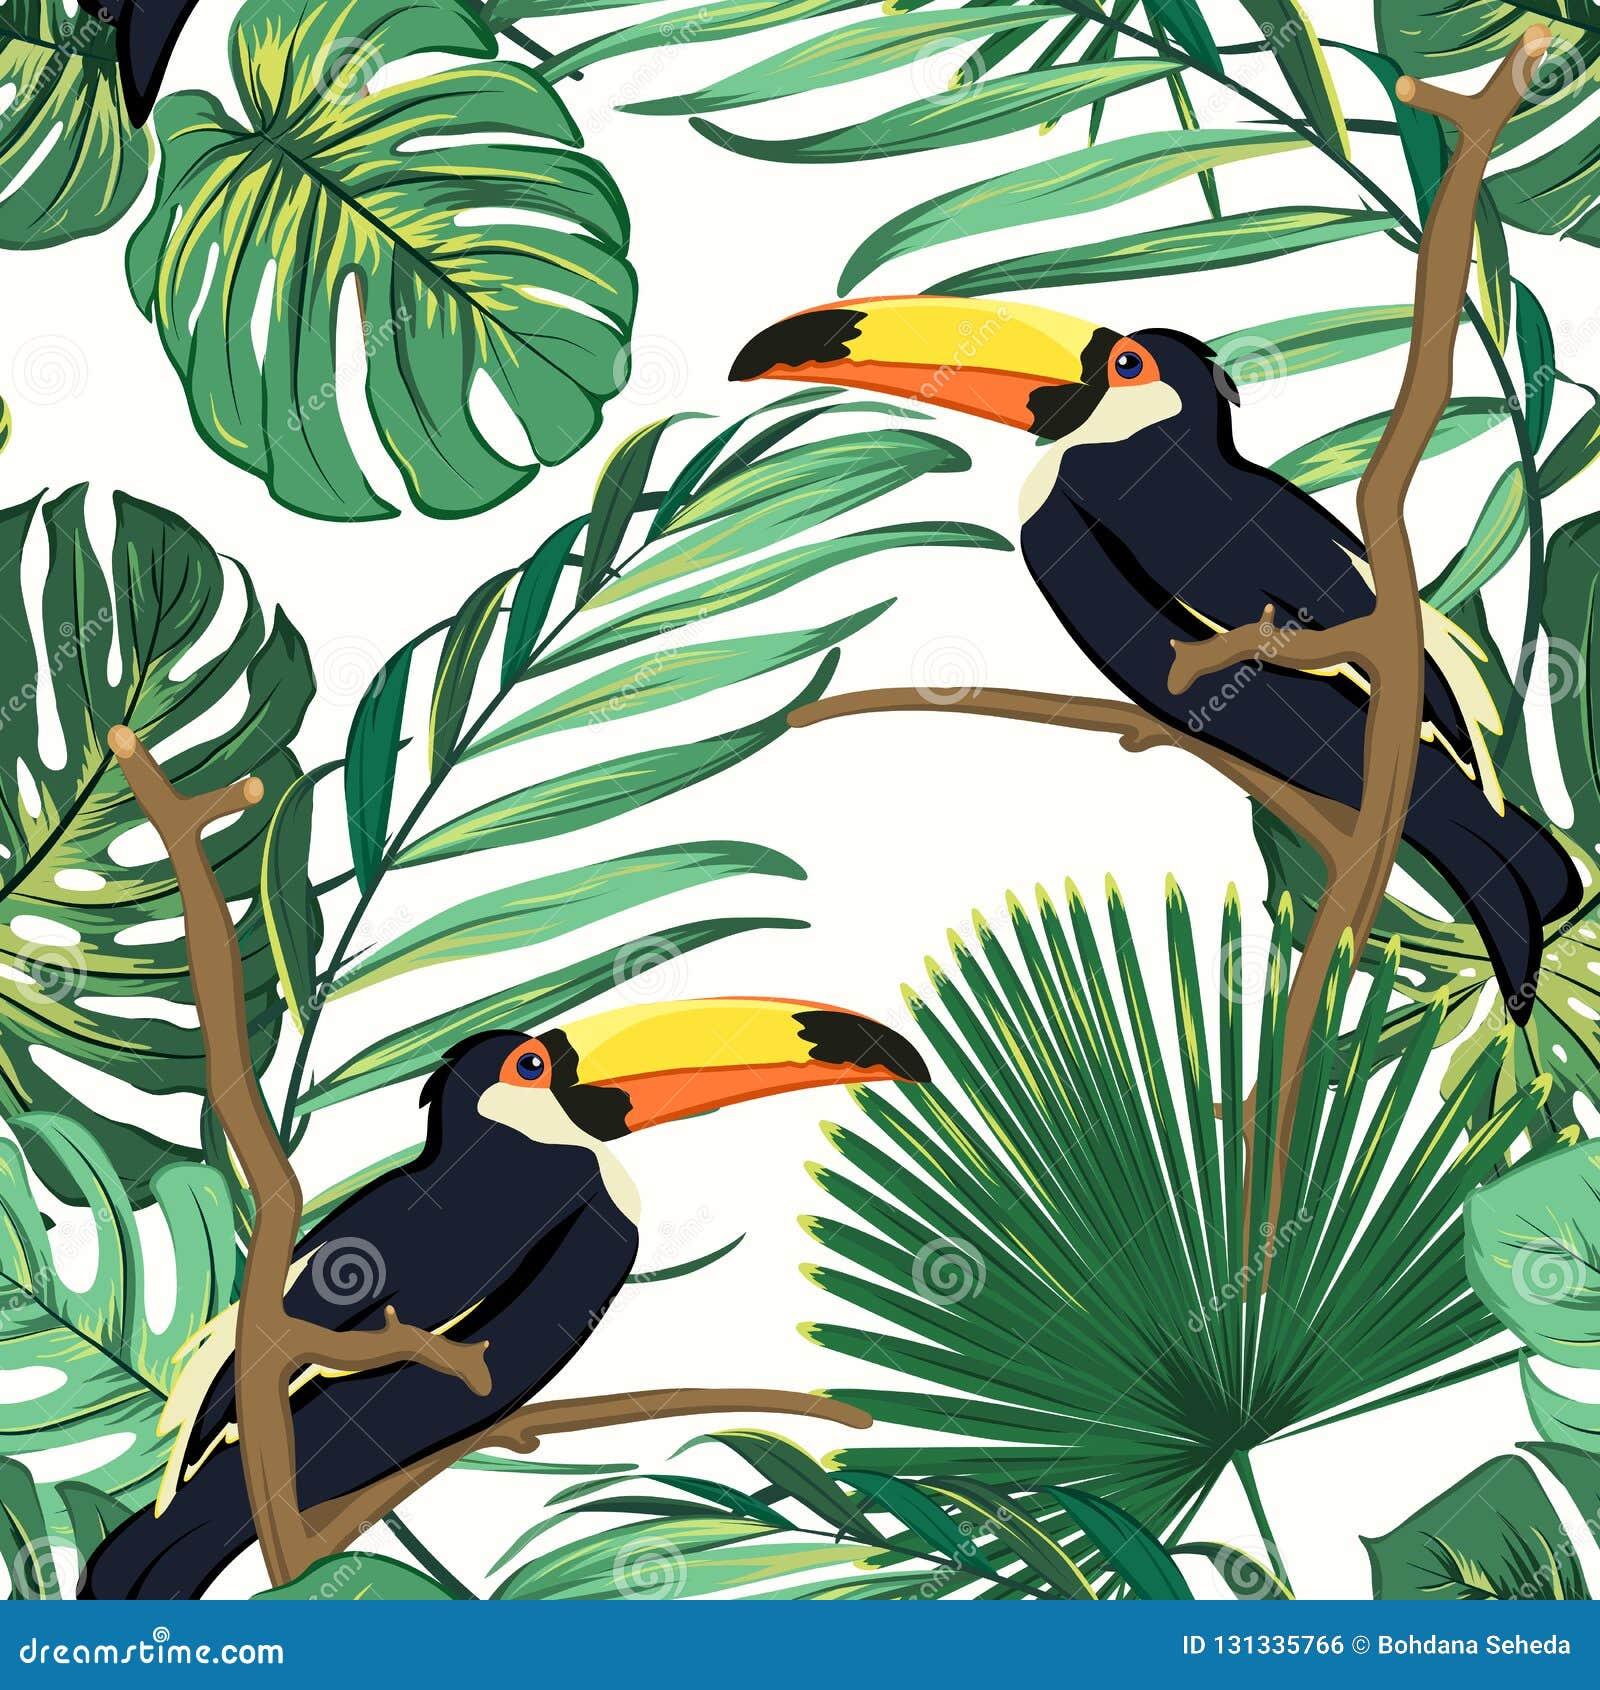 Habitat natural dos pássaros do tucano nas hortaliças tropicais exóticas da samambaia da floresta úmida da selva Teste padrão sem